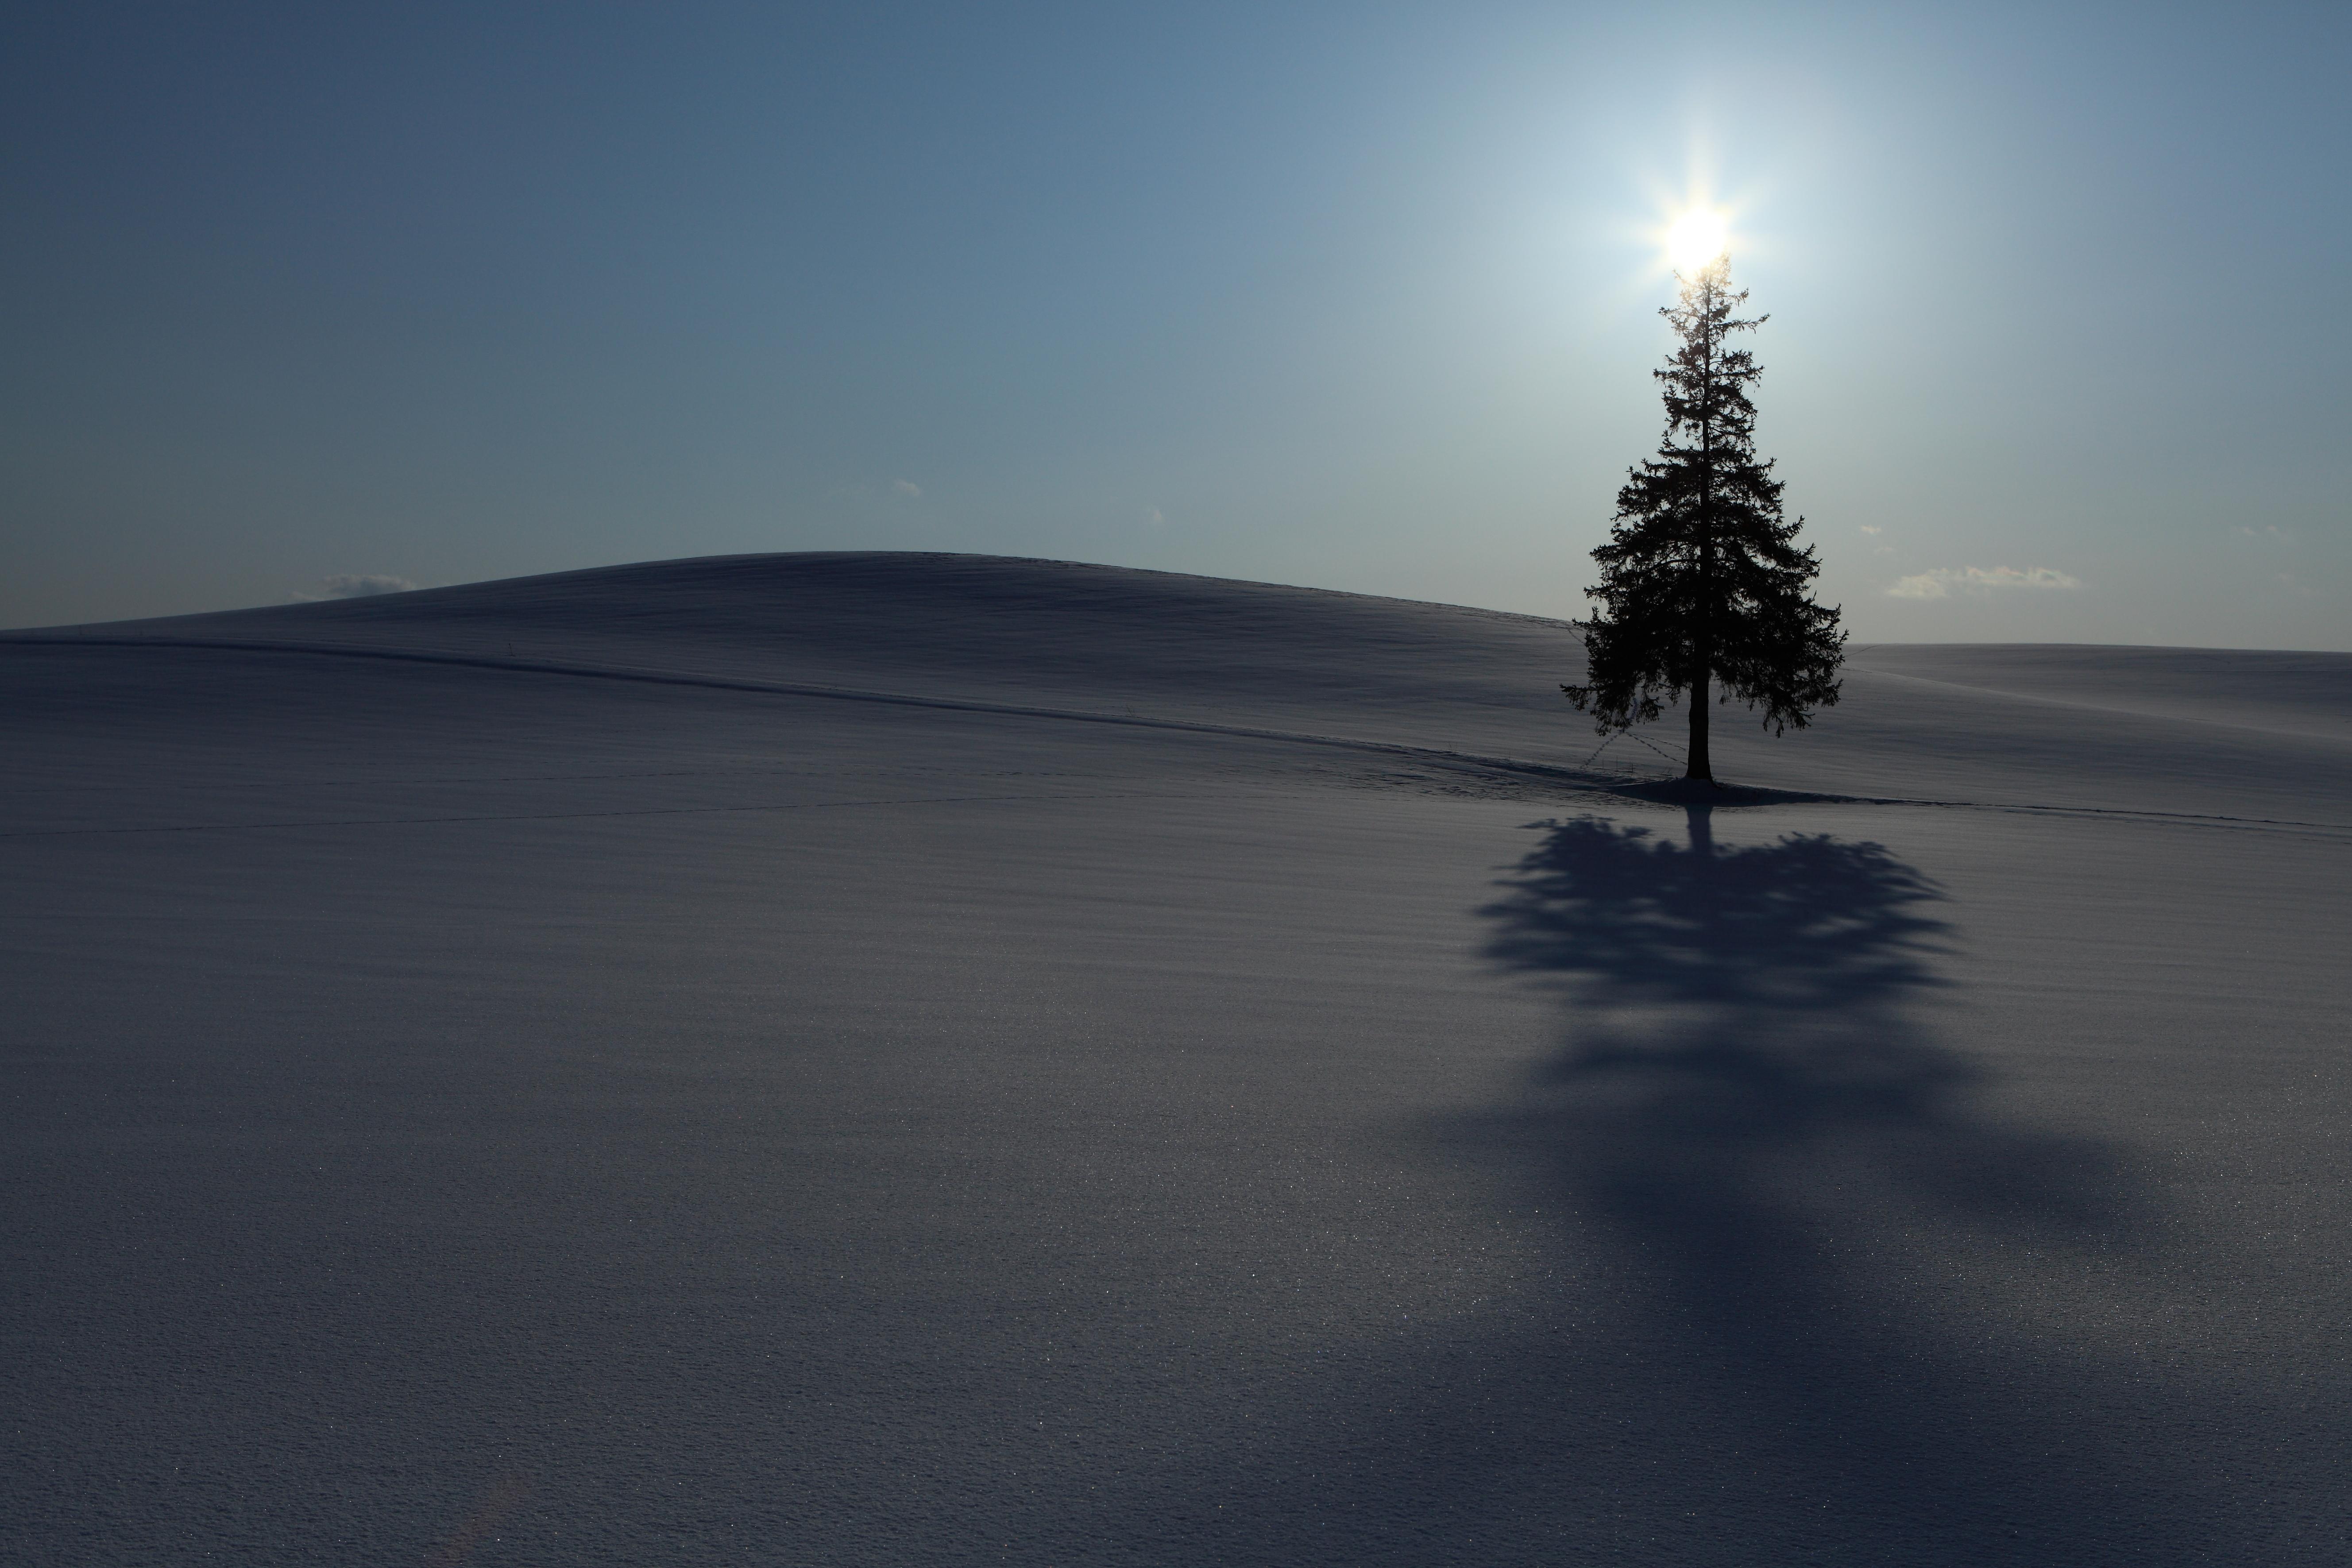 雪原の一本